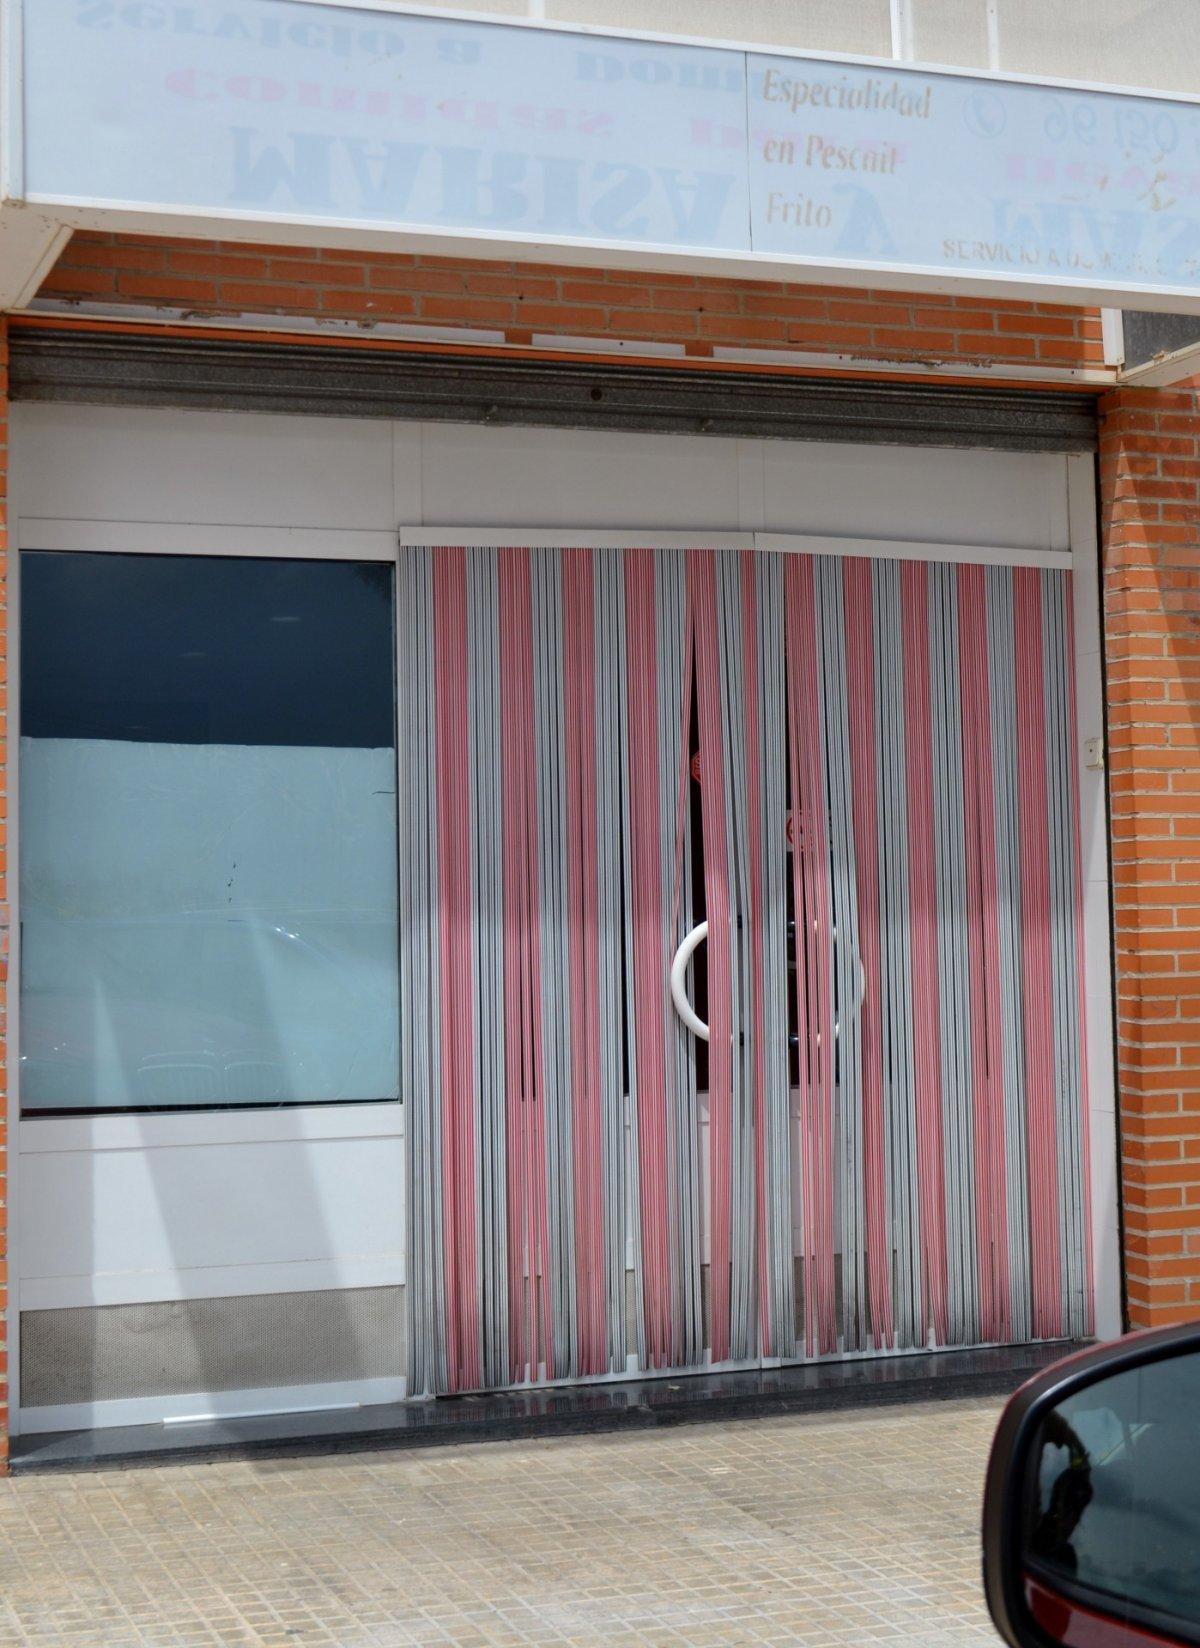 Local comercial buen estado en alquiler en Alaquas, Blasco Ibañez